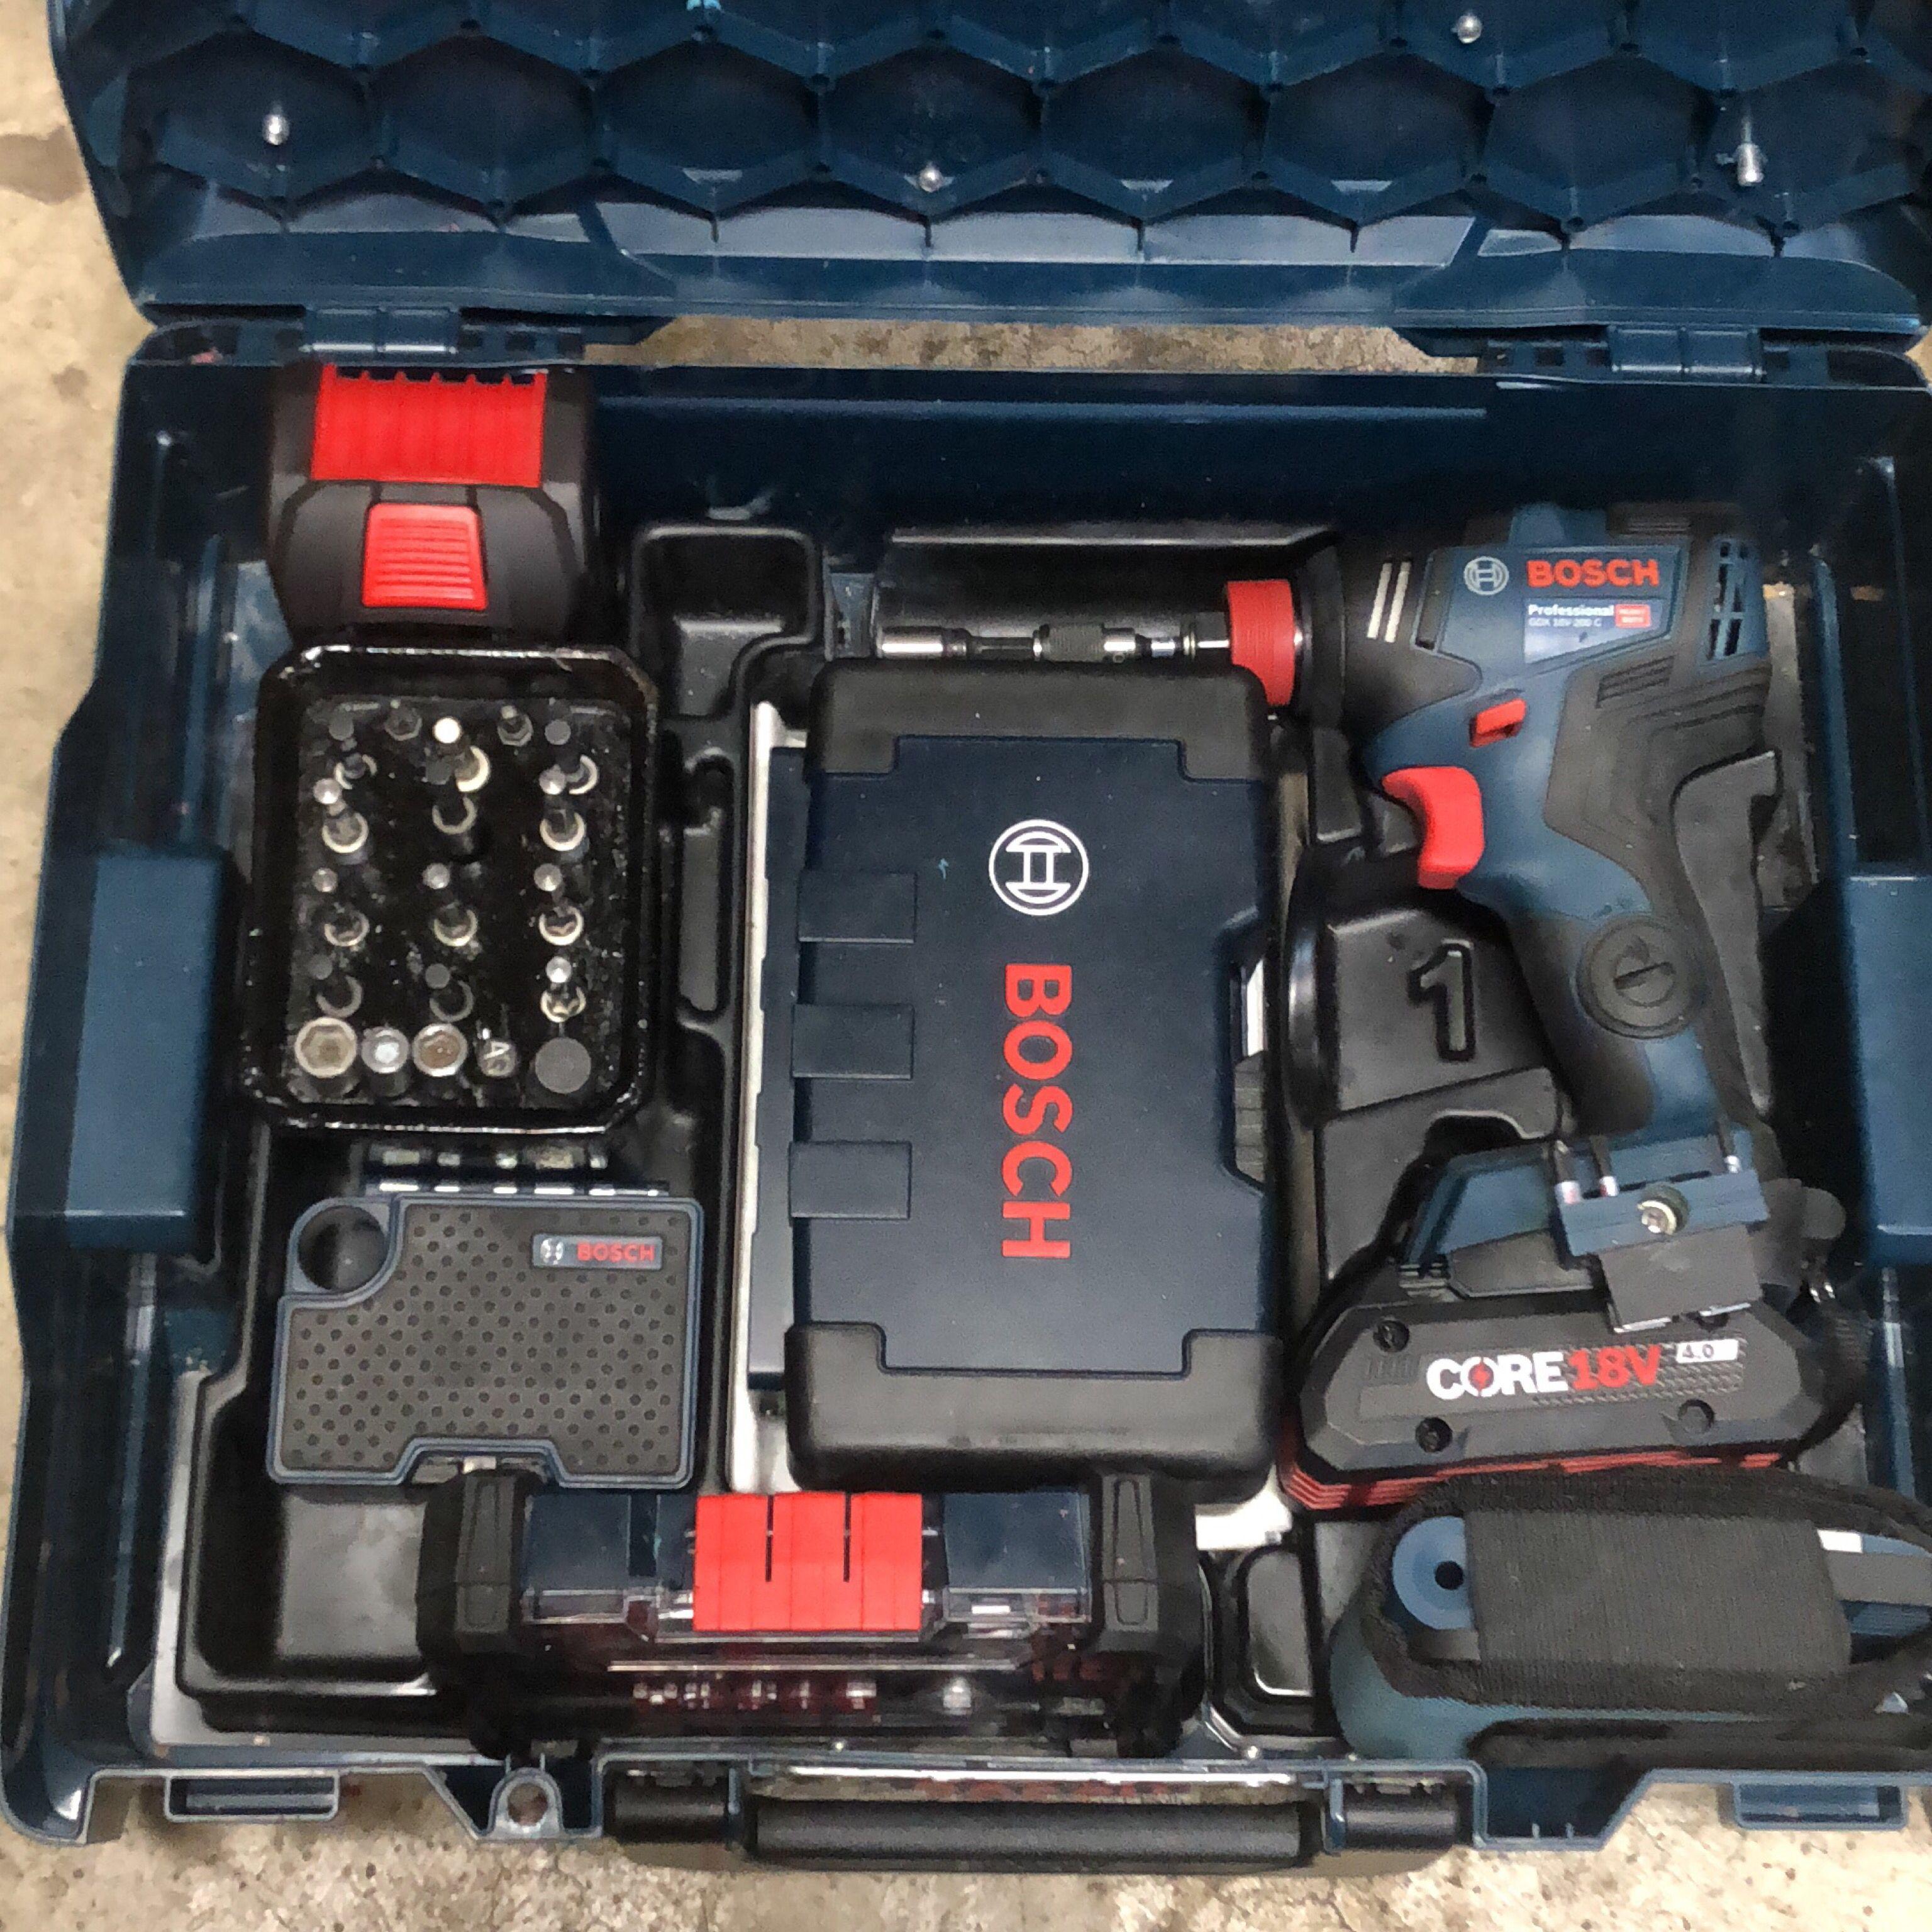 Customized The L Boxx A Little 1 1 2 Deepwell Impact Sockets 2 1 4 1 2 Nut Driver Set 3 Assorted Bit Bosch Elektrowerkzeuge Elektrowerkzeuge Bosch